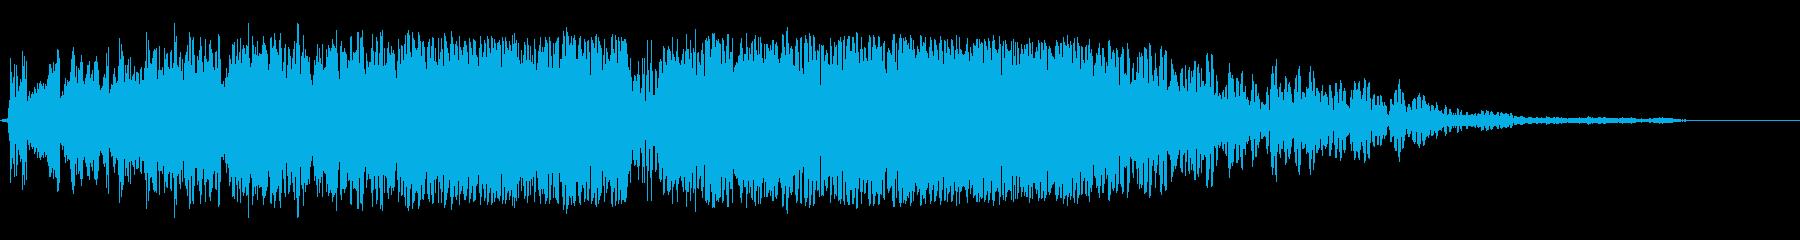 ビッグガーベリングシグナル干渉スイープ2の再生済みの波形